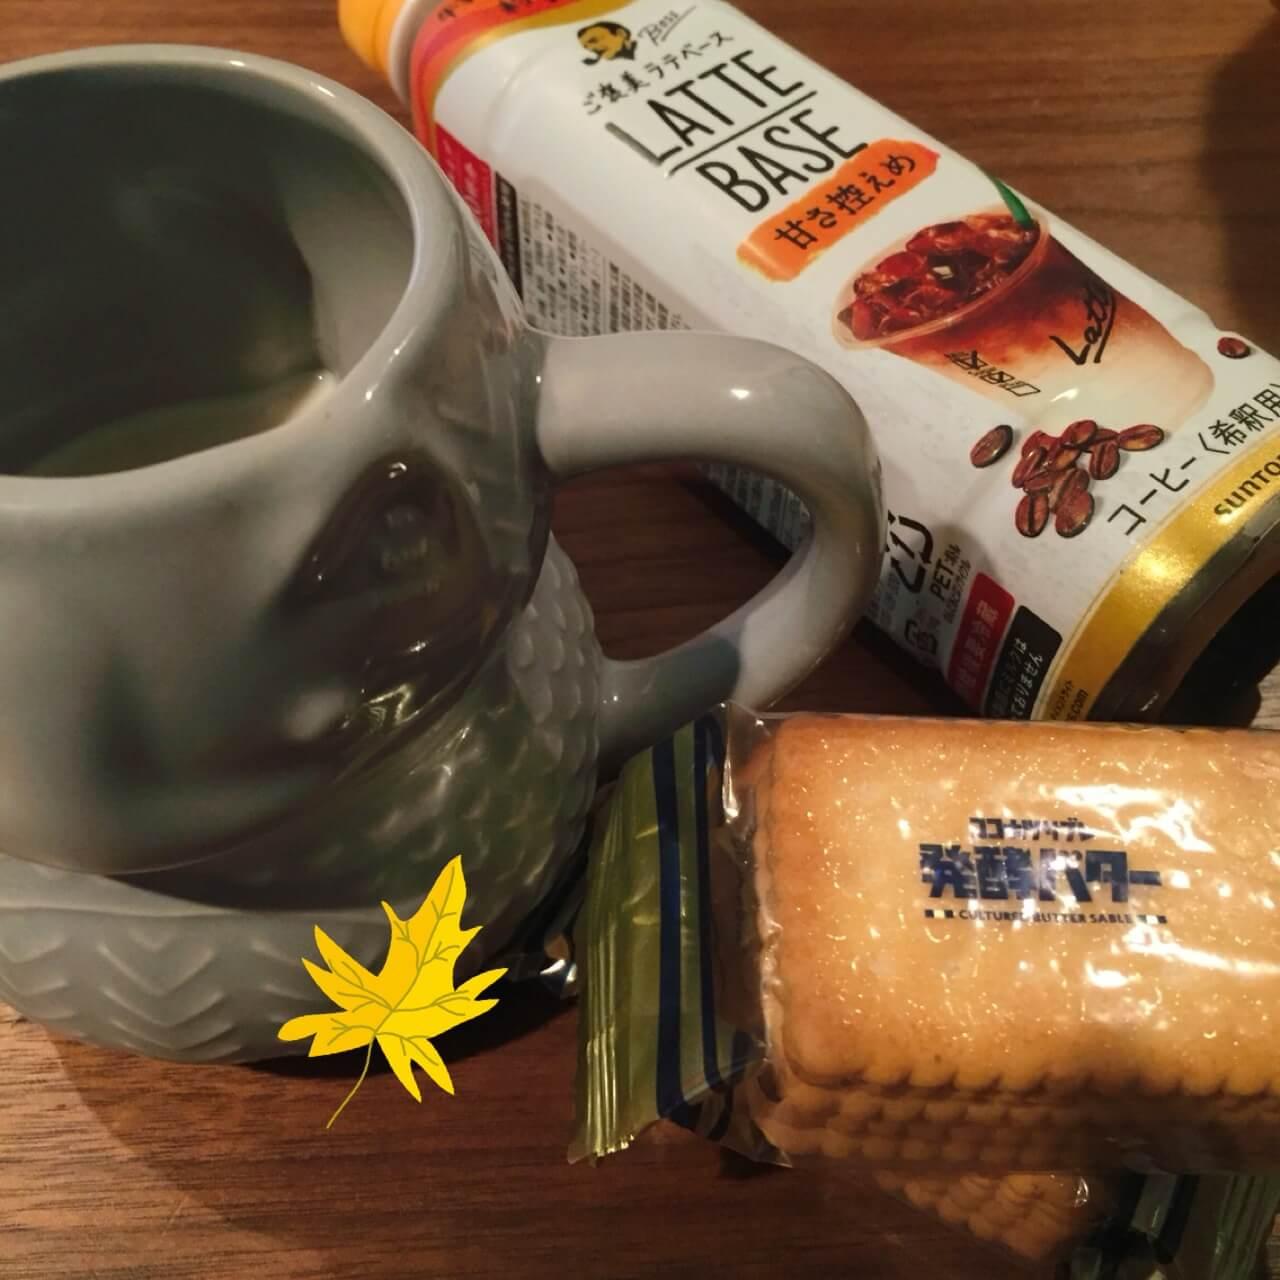 甘いもの補給。発酵バターのココナッツサブレが悪魔的美味しさだった。のブログ画像